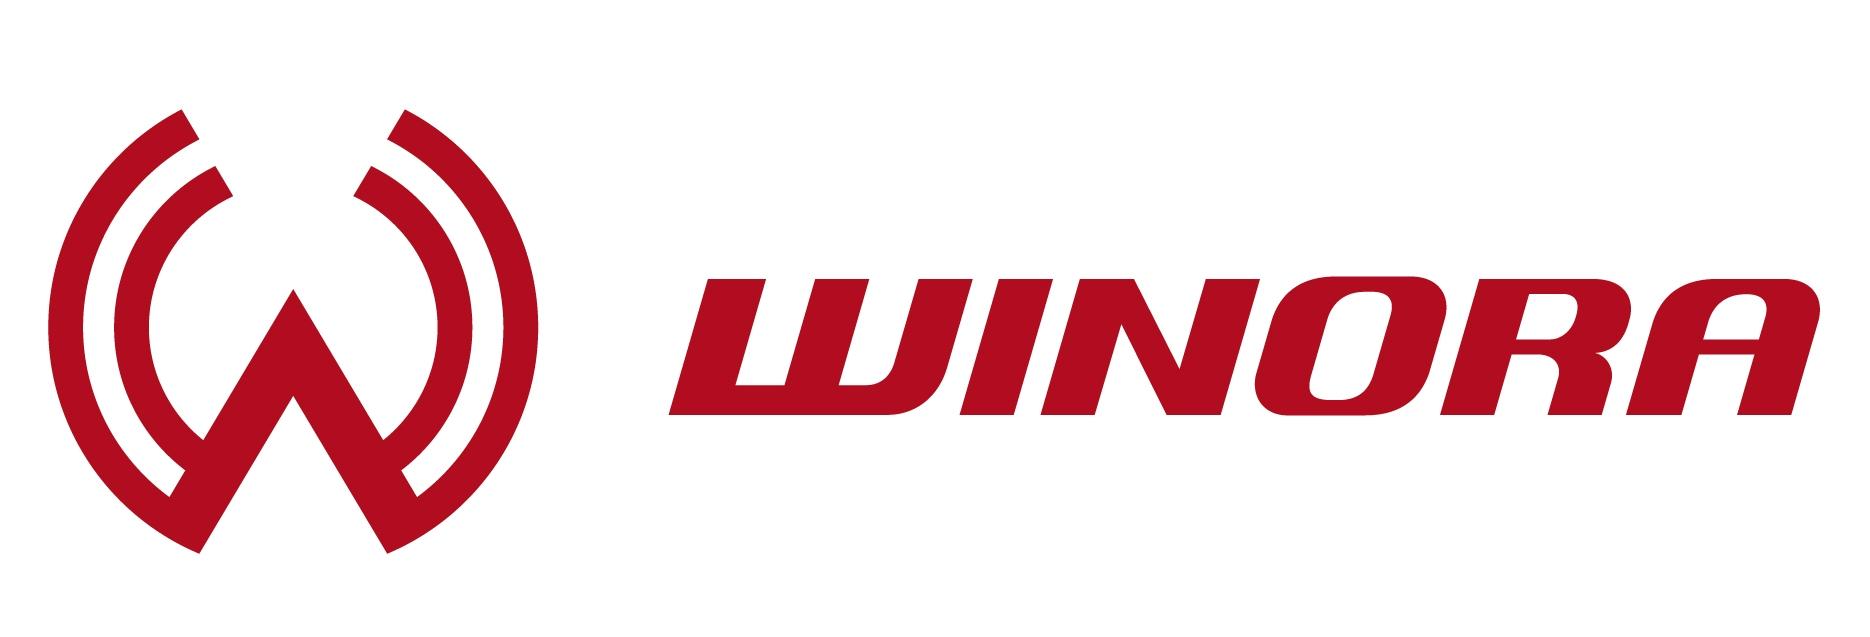 winora-logo-1461765473.jpg